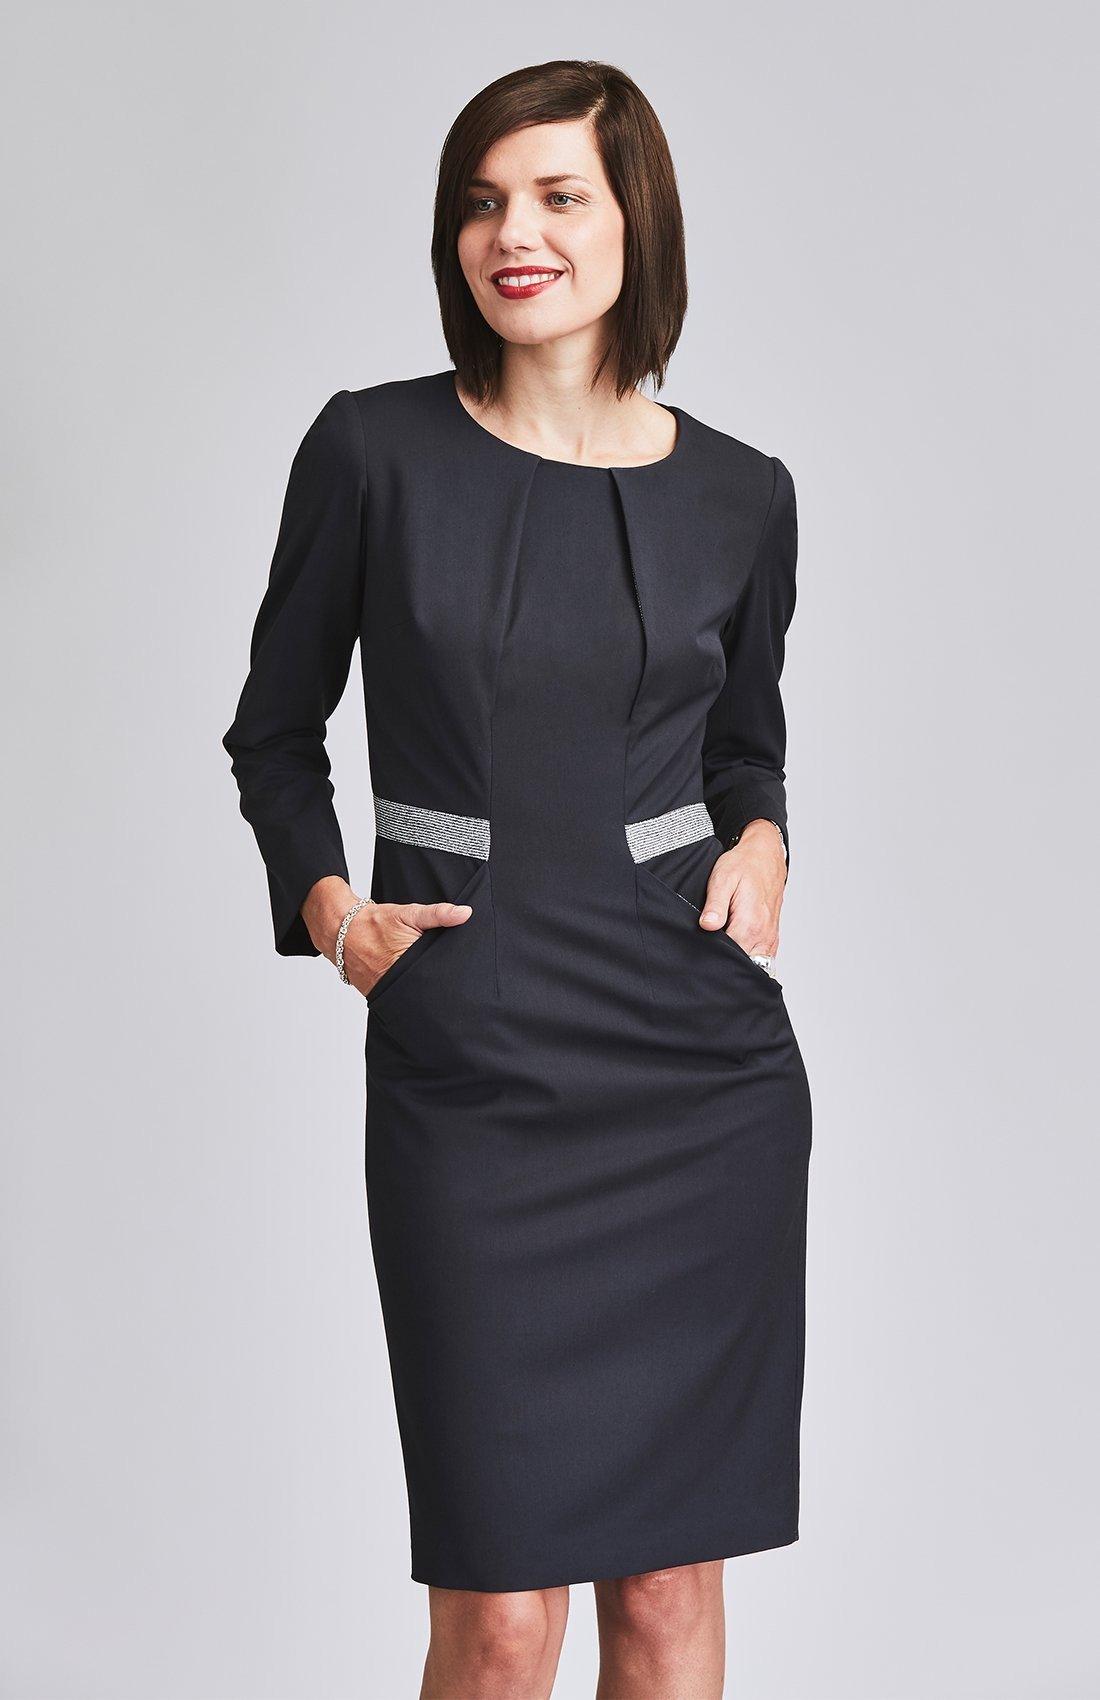 черное офисное платье 2018 с длинным рукавом с карманами